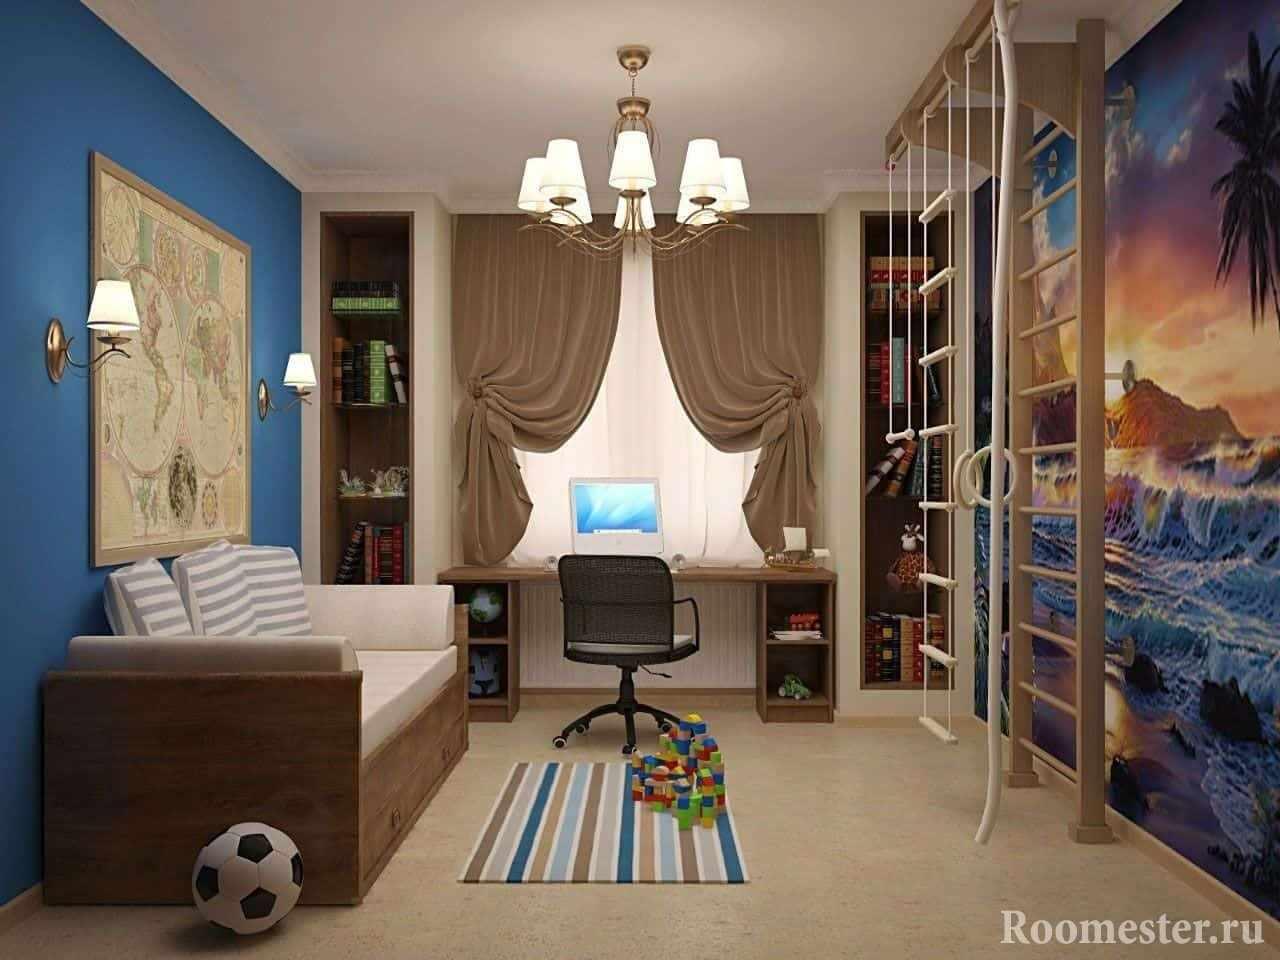 Дизайн проект комнаты в морском стиле